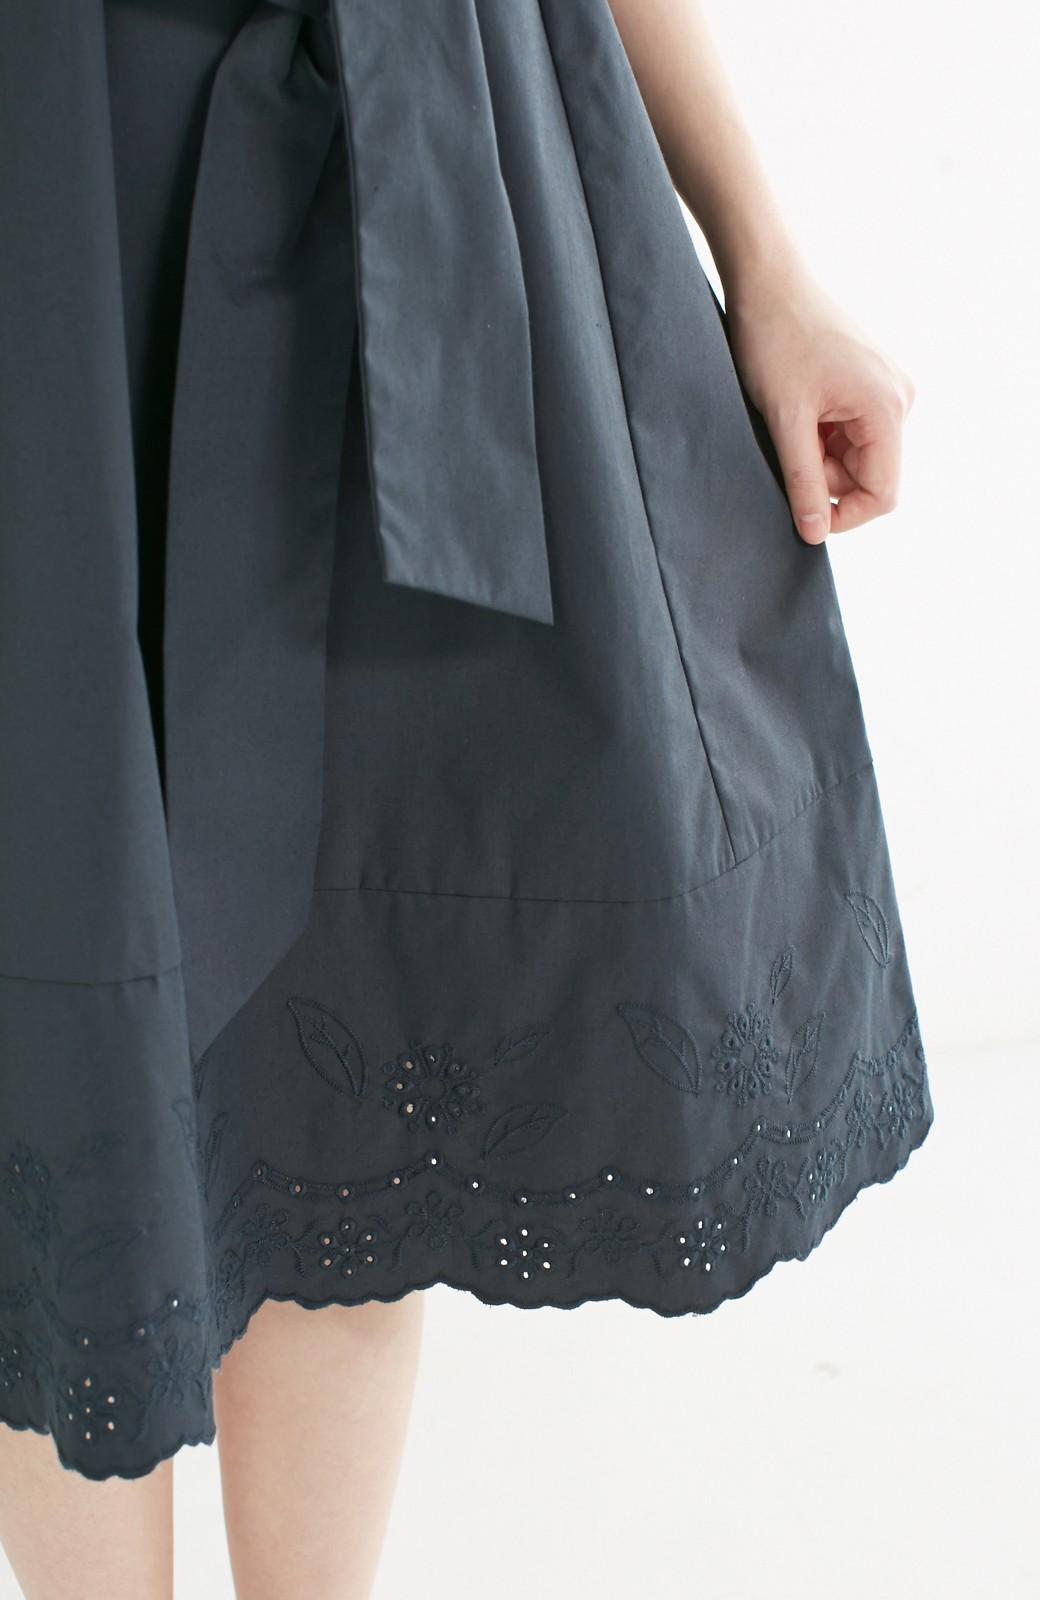 エムトロワ ぱっと着るだけできちんとお嬢さんなフロントリボンのカットワーク刺しゅうワンピース <チャコール>の商品写真13